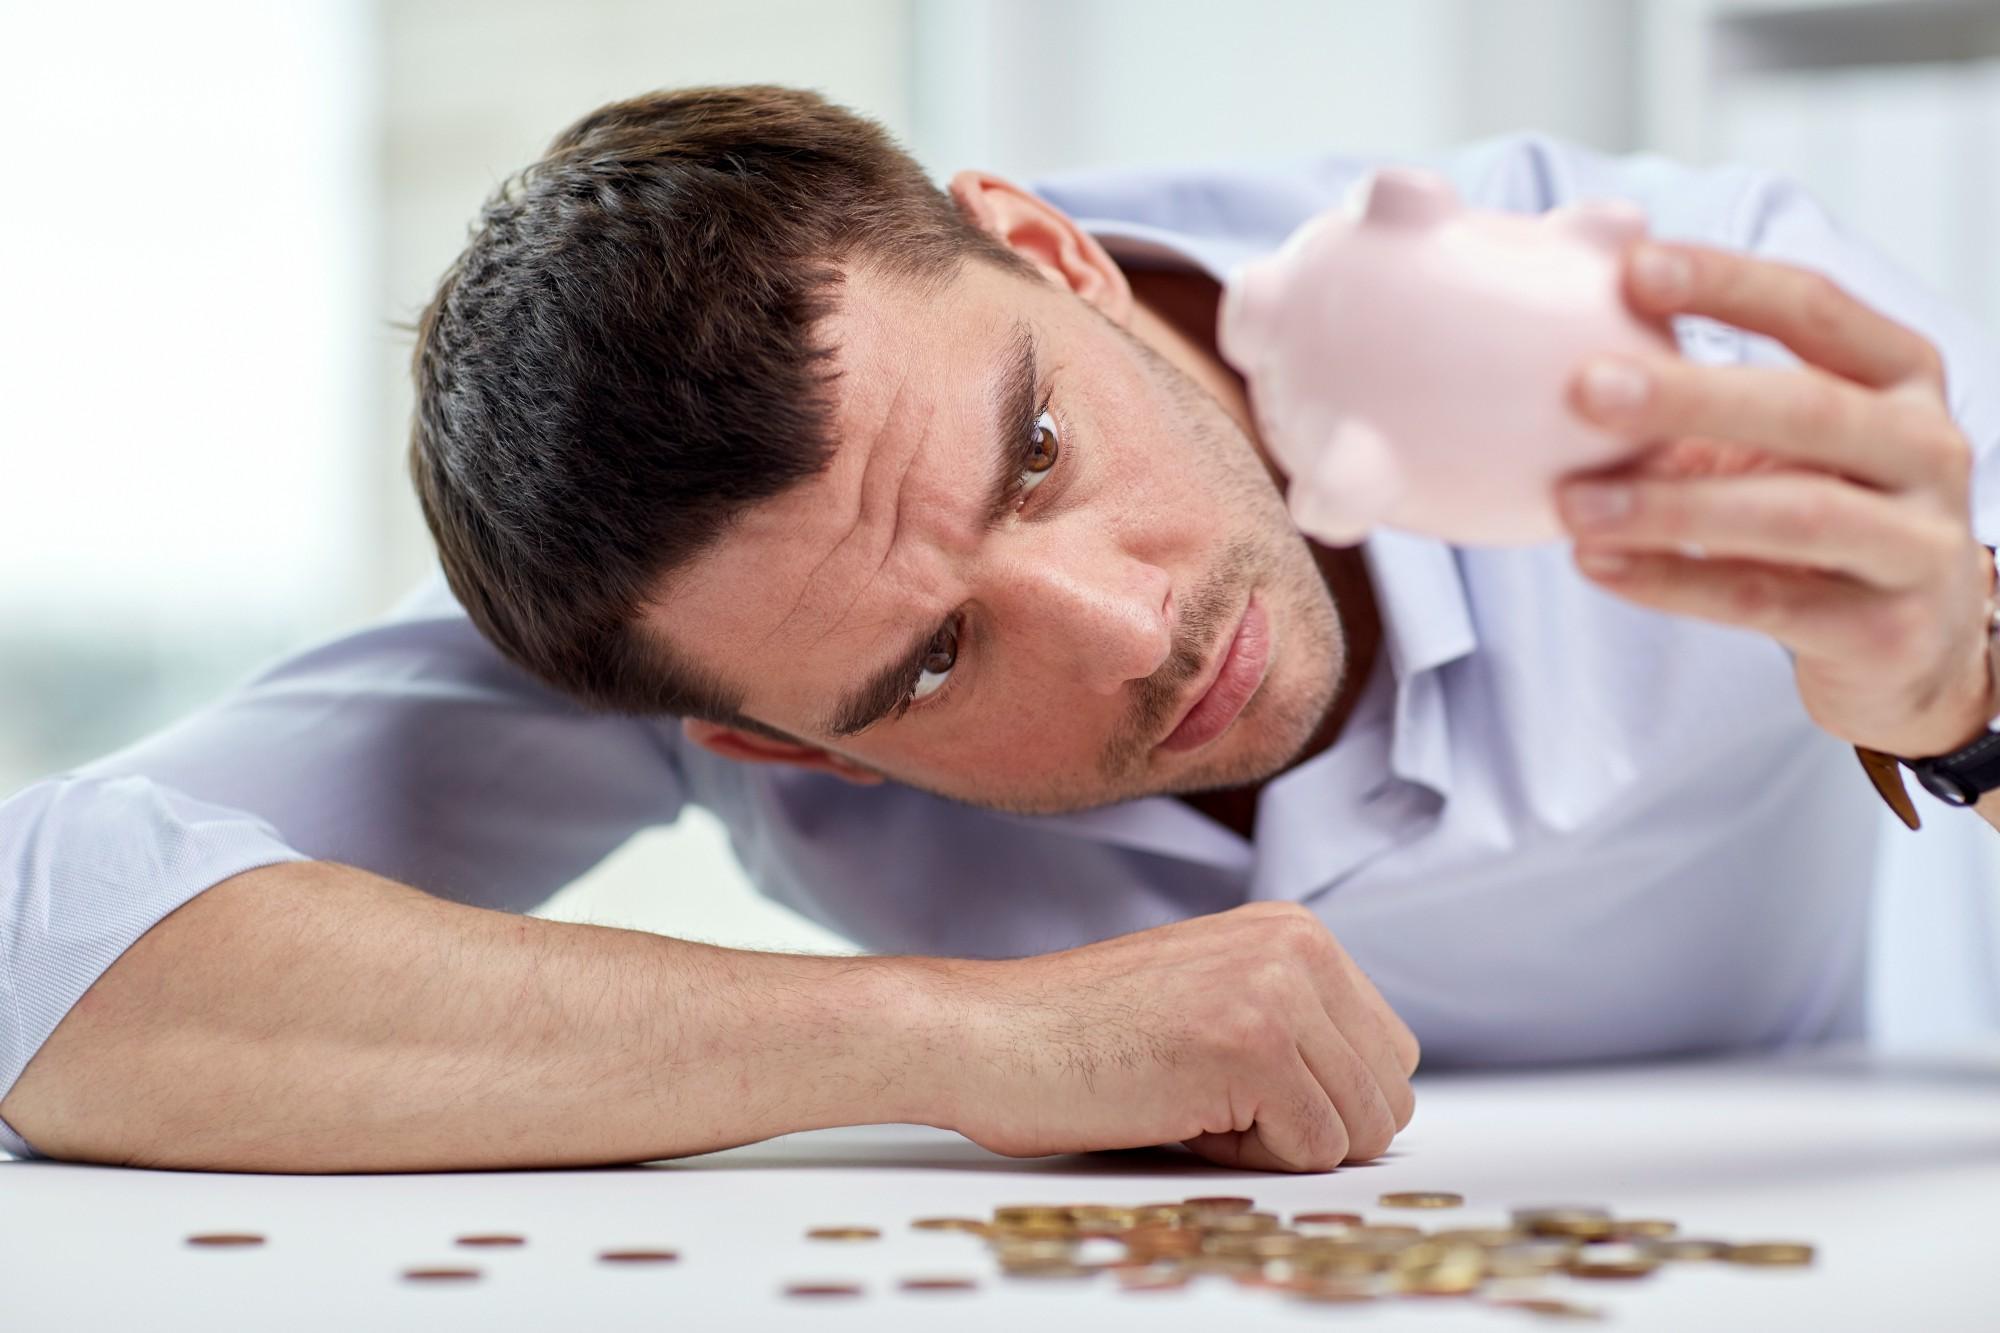 End Up Bankrupt